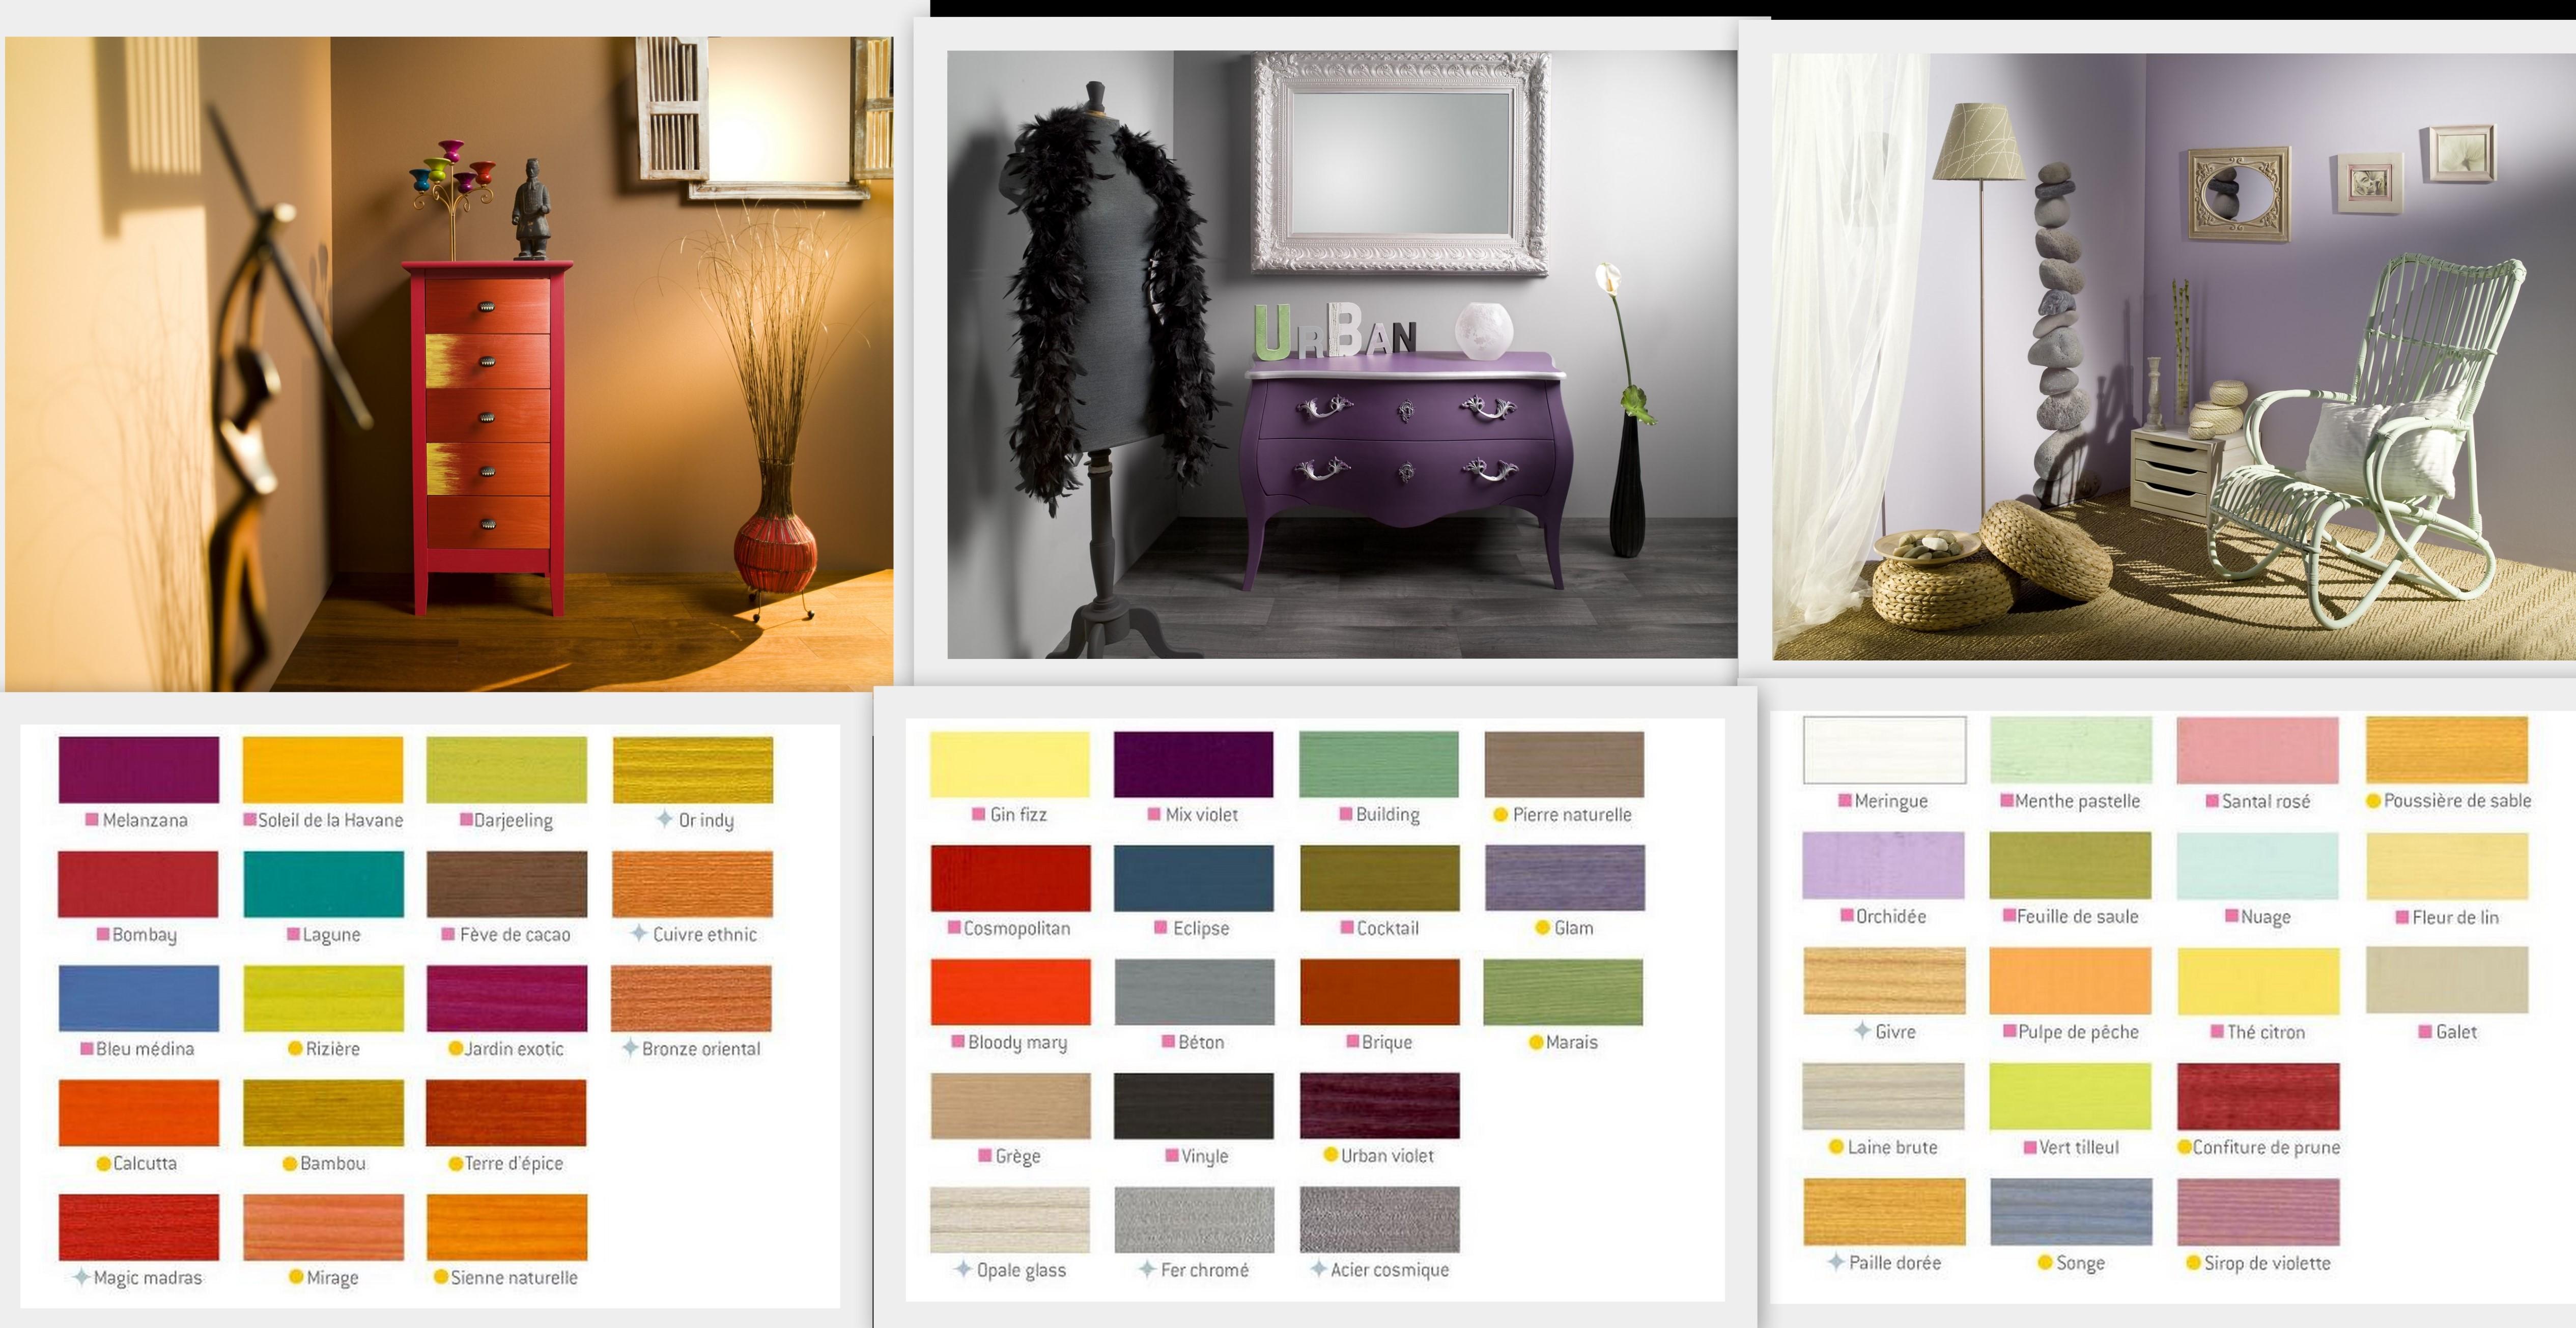 peindre repeindre d corer syntilor j adore veggie en folie veggy up. Black Bedroom Furniture Sets. Home Design Ideas